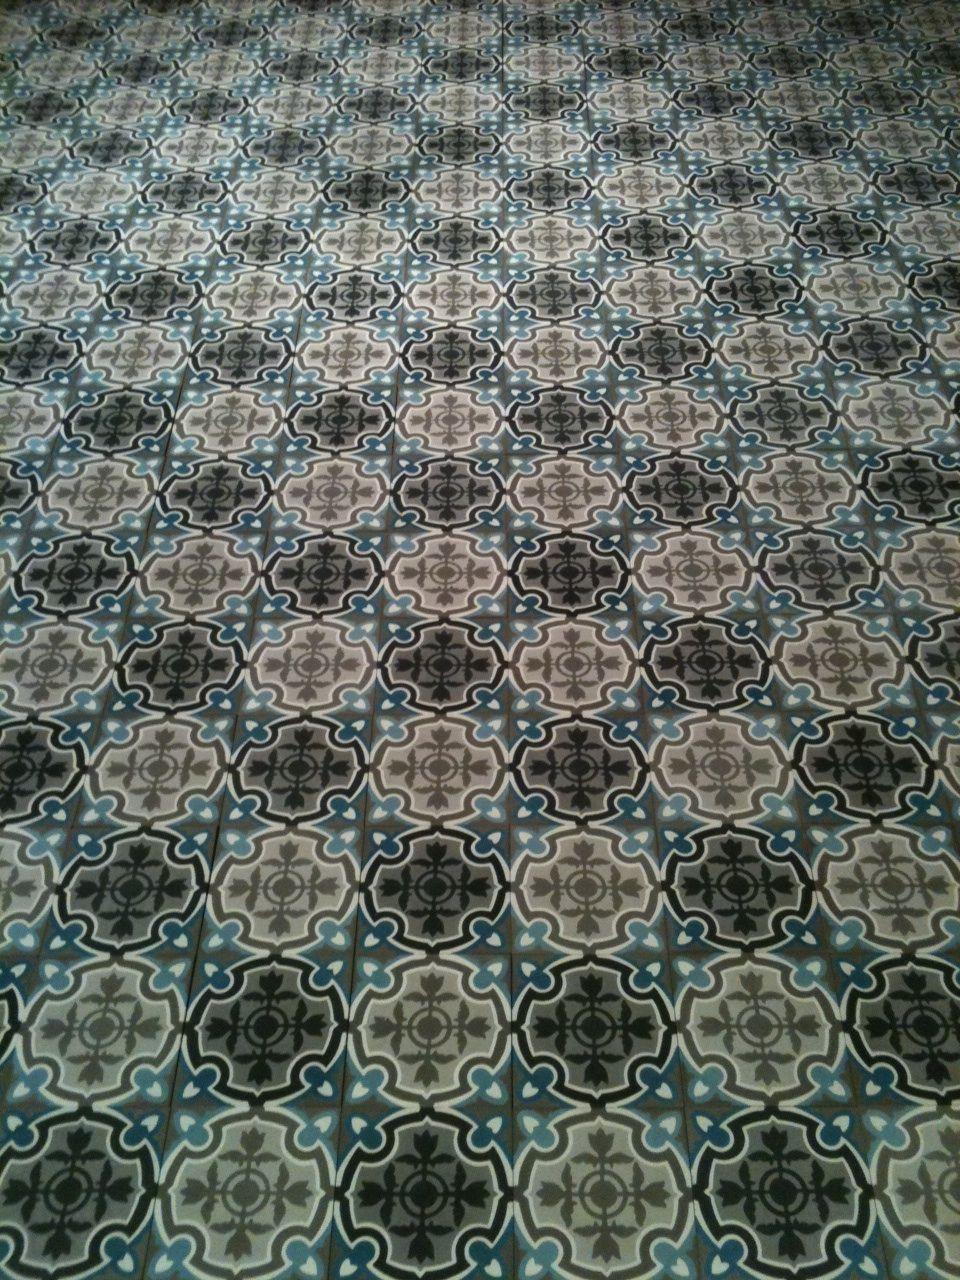 Carreaux Ciment Decors Lille En Clair Et Fonce 15x15cm Carrelages Du Marais Home Decor Decor Rugs